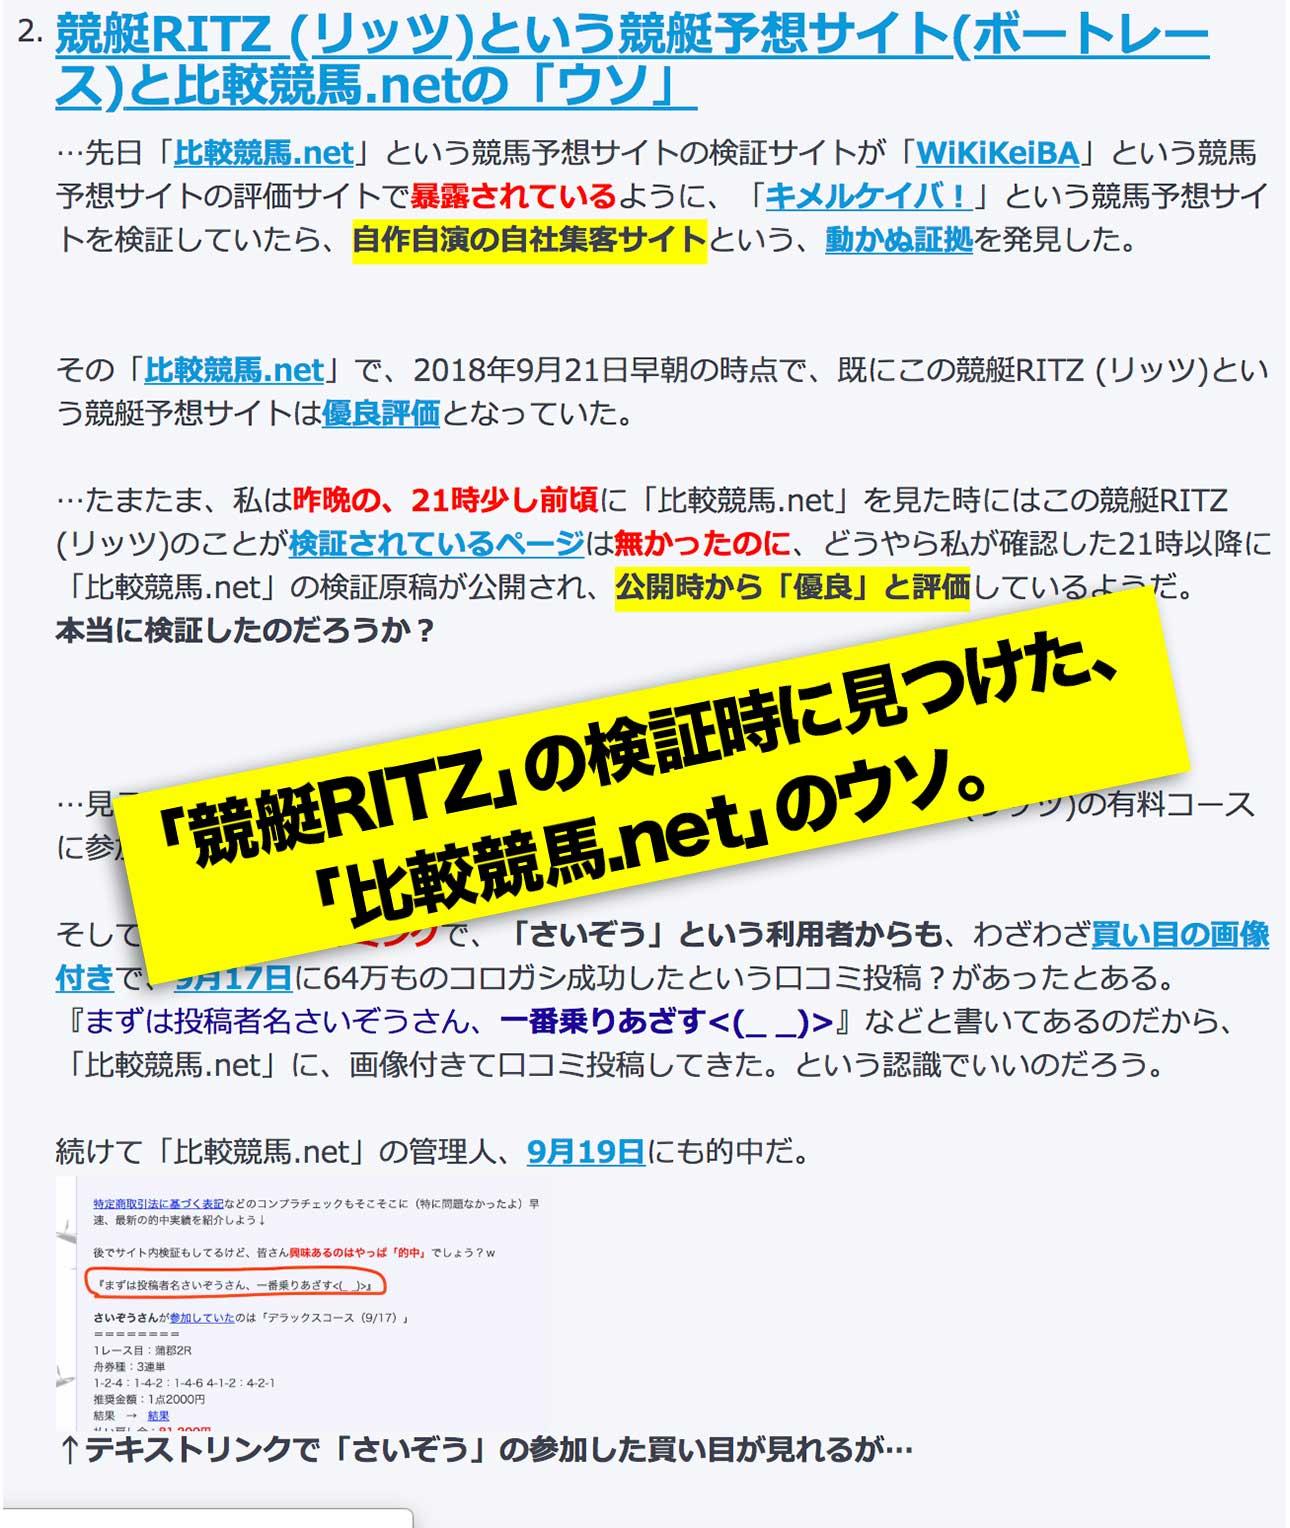 競馬予想サイトとつながる競艇RITZも口コミ検証サイトの「比較競馬.net」が自社集客サイトのようだ